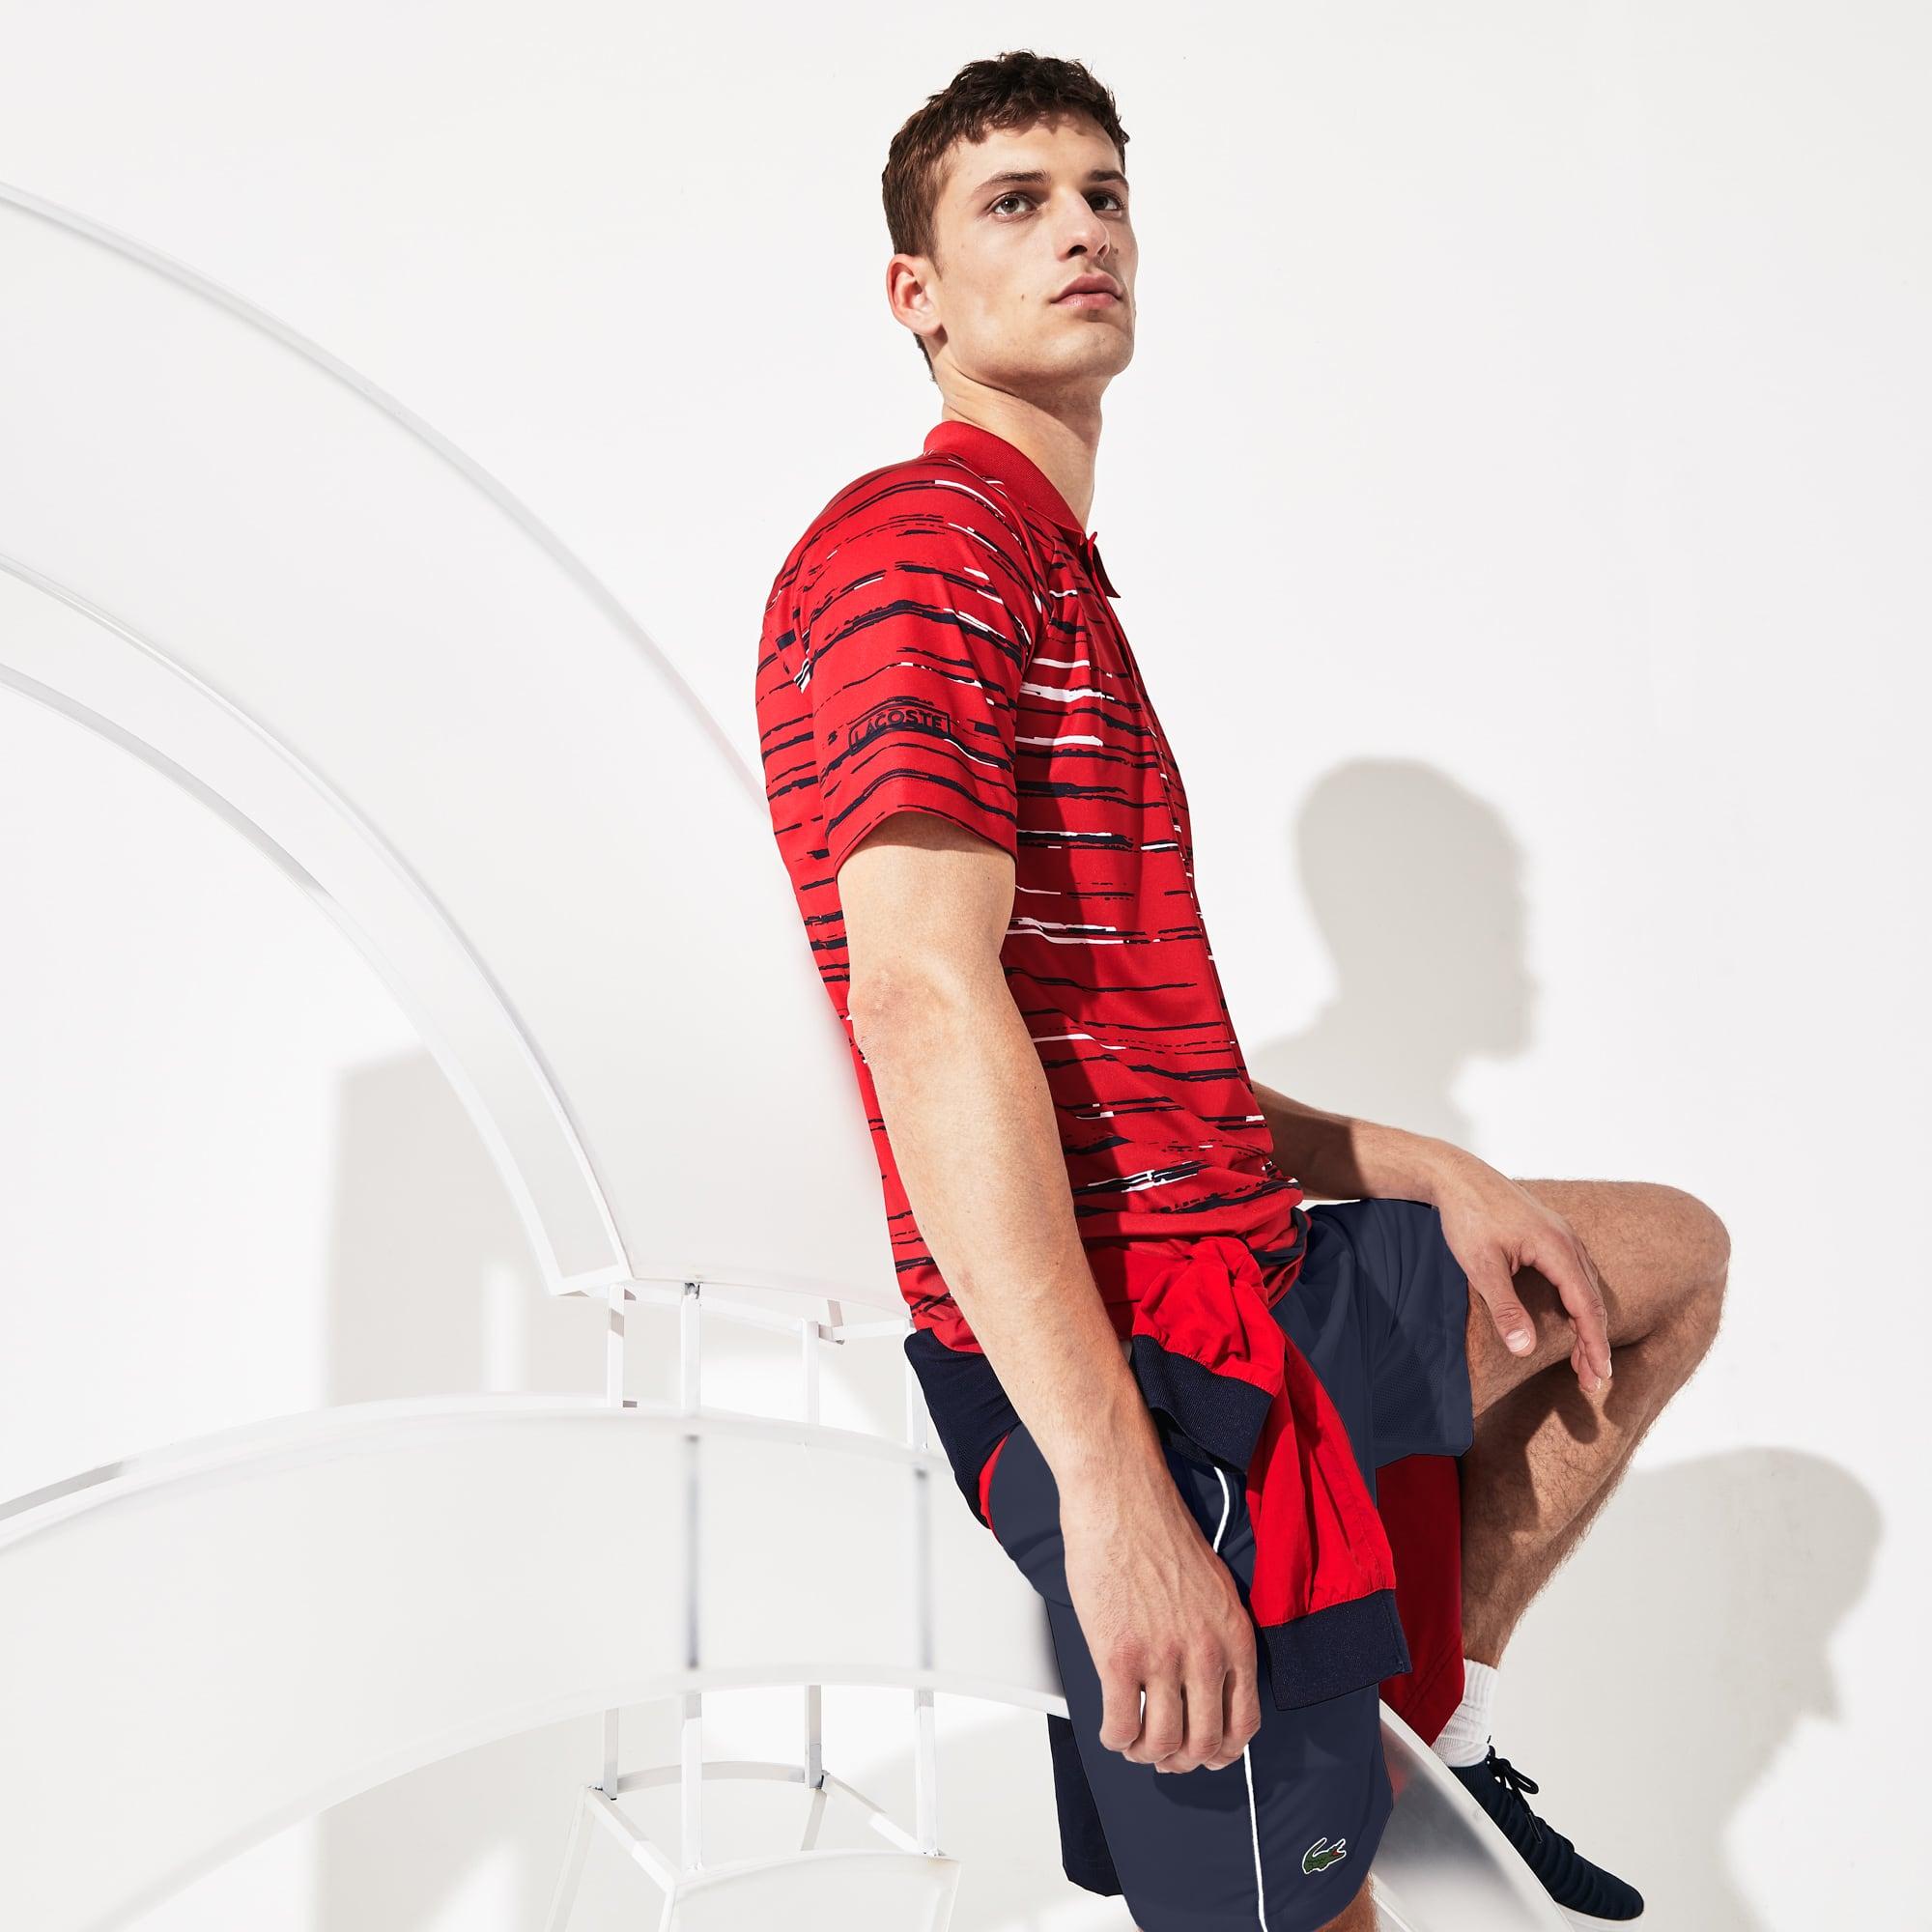 라코스테 Lacoste Mens SPORT Novak Djokovic Striped Jersey Polo,Red / Navy Blue / White - BTZ